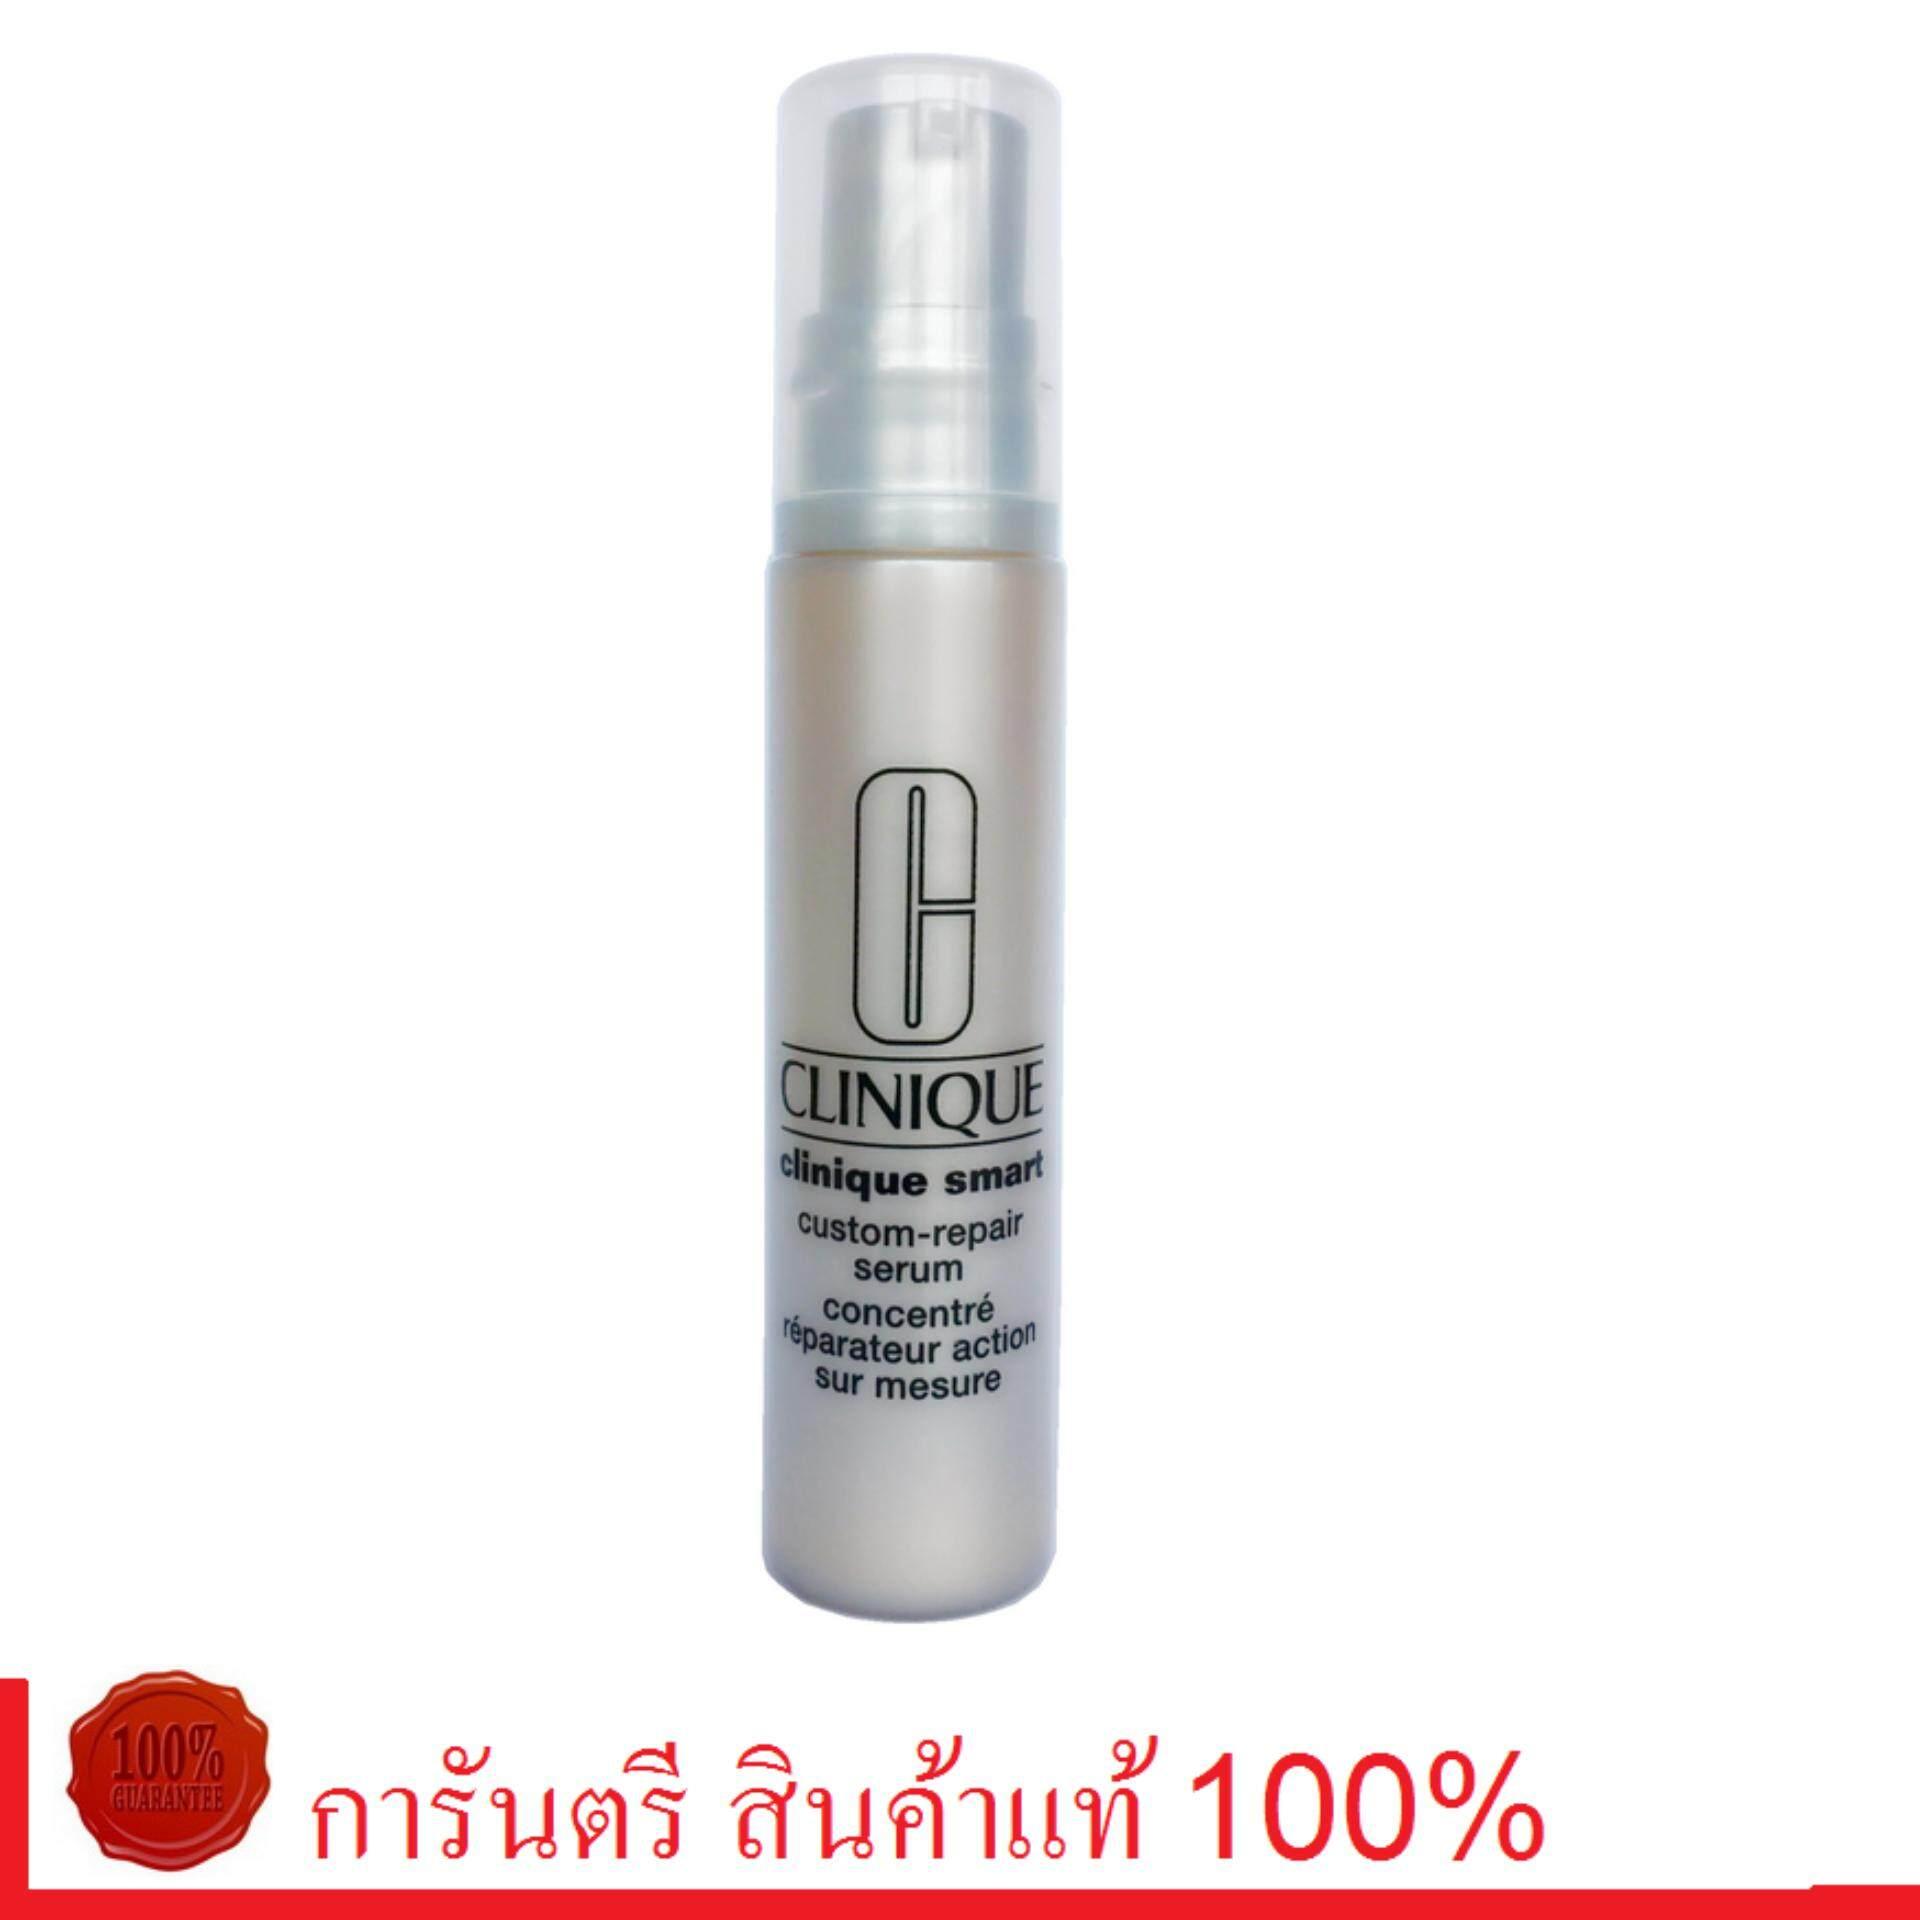 ราคา Clinique Smart Custom Repair Serum 10 Ml ออนไลน์ นนทบุรี